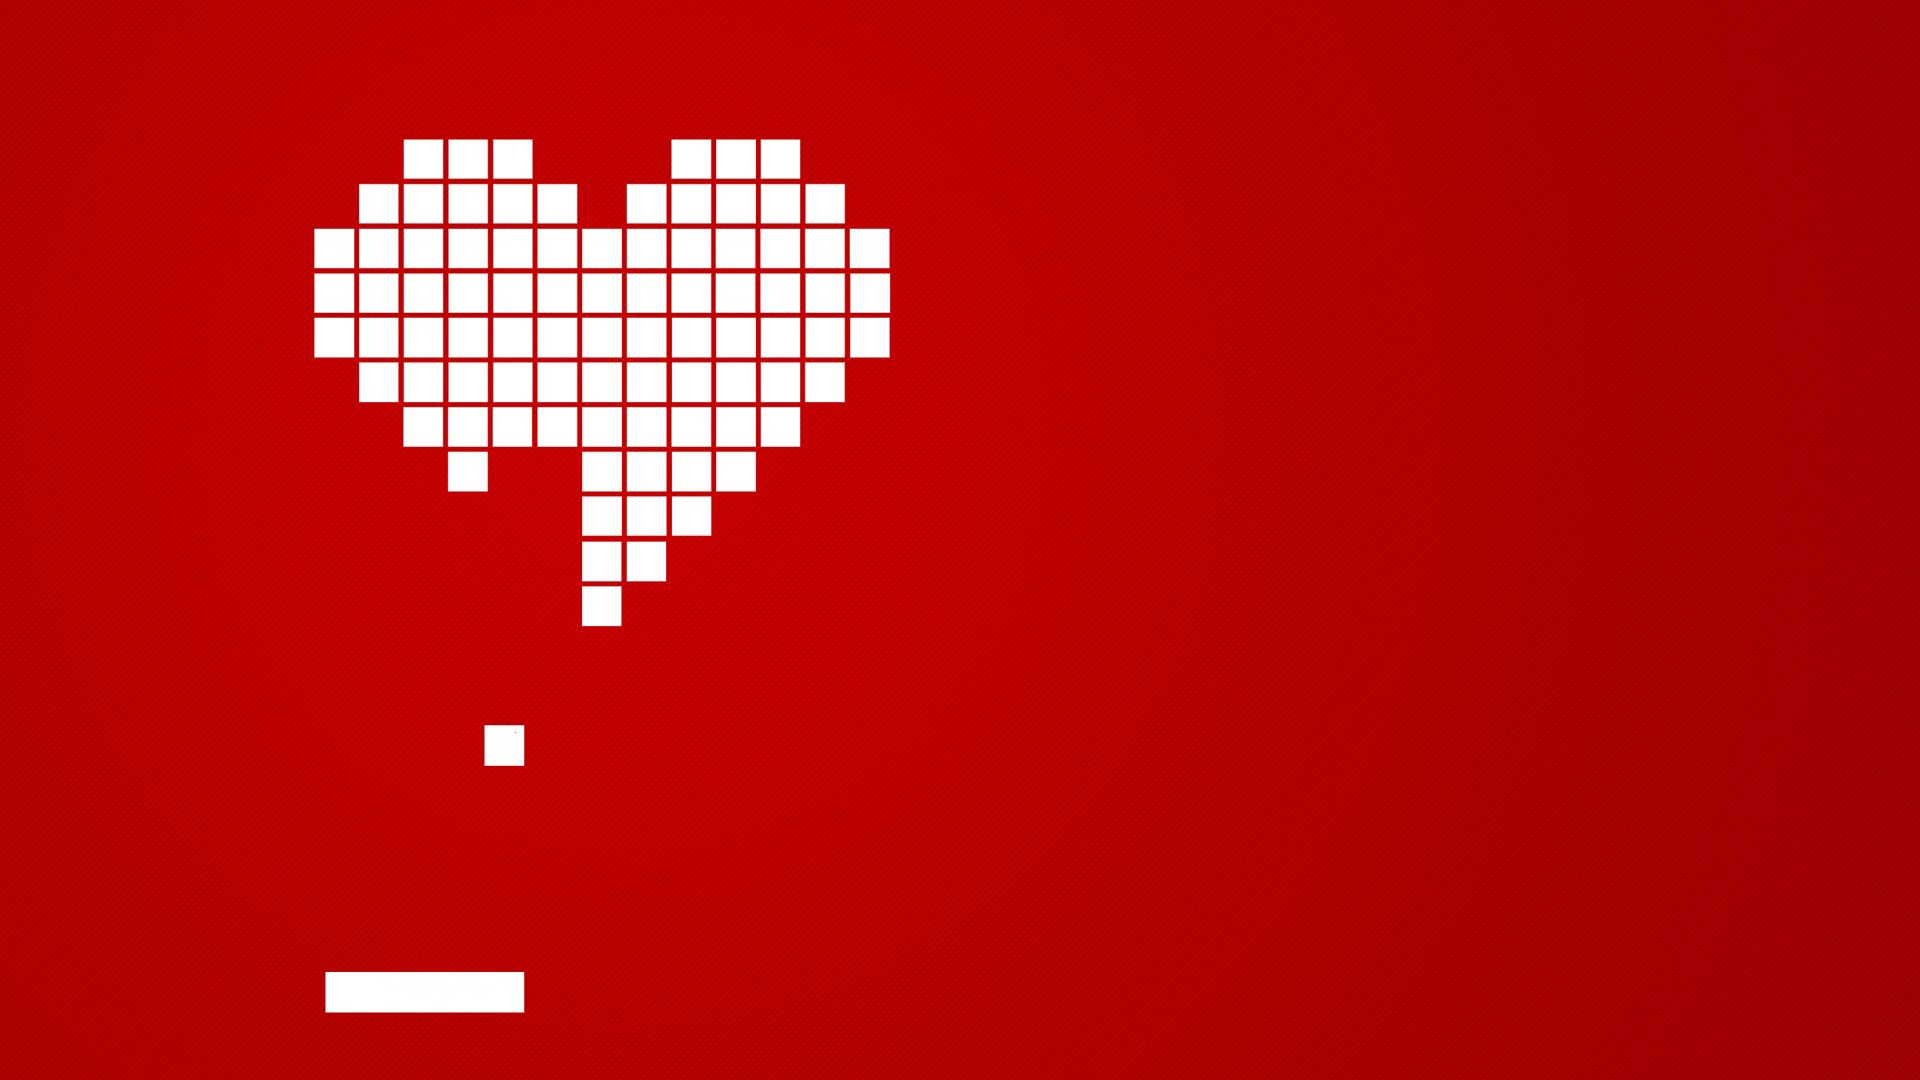 106109 Hintergrundbild herunterladen Spiele, Herzen, Liebe, Ein Herz, Quadrat, Sammeln - Bildschirmschoner und Bilder kostenlos